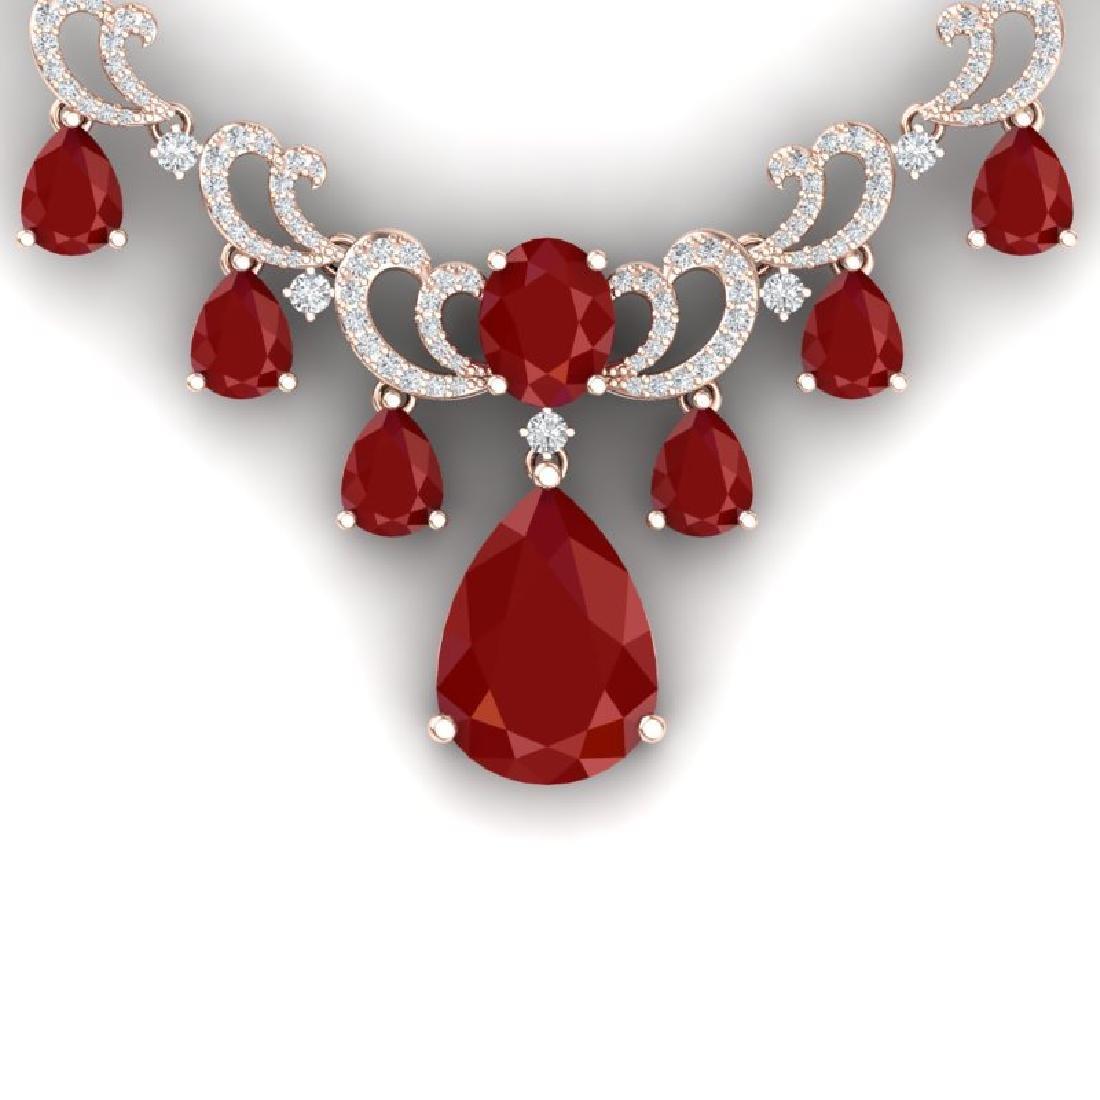 36.85 CTW Royalty Ruby & VS Diamond Necklace 18K Rose